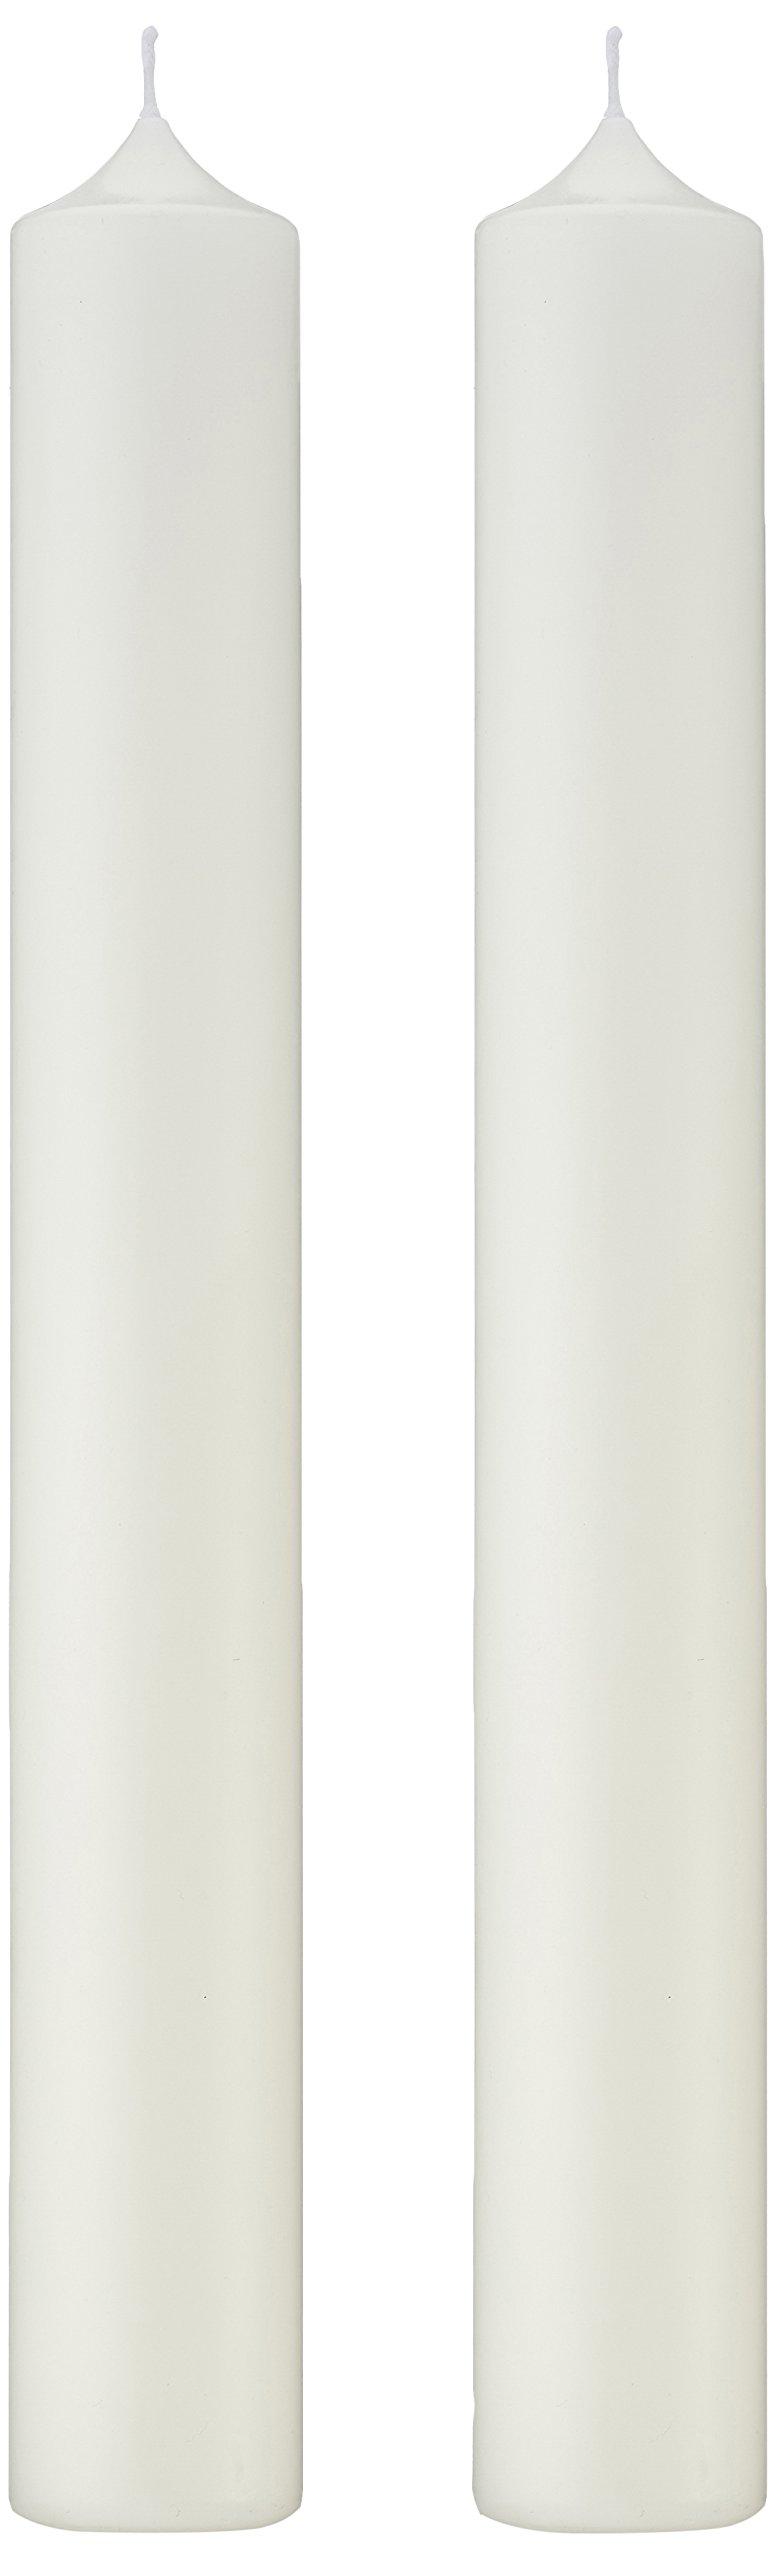 TrendLight 840087Altar candela 400x 50mm 2pezzi–RAL contrassegno–Crema